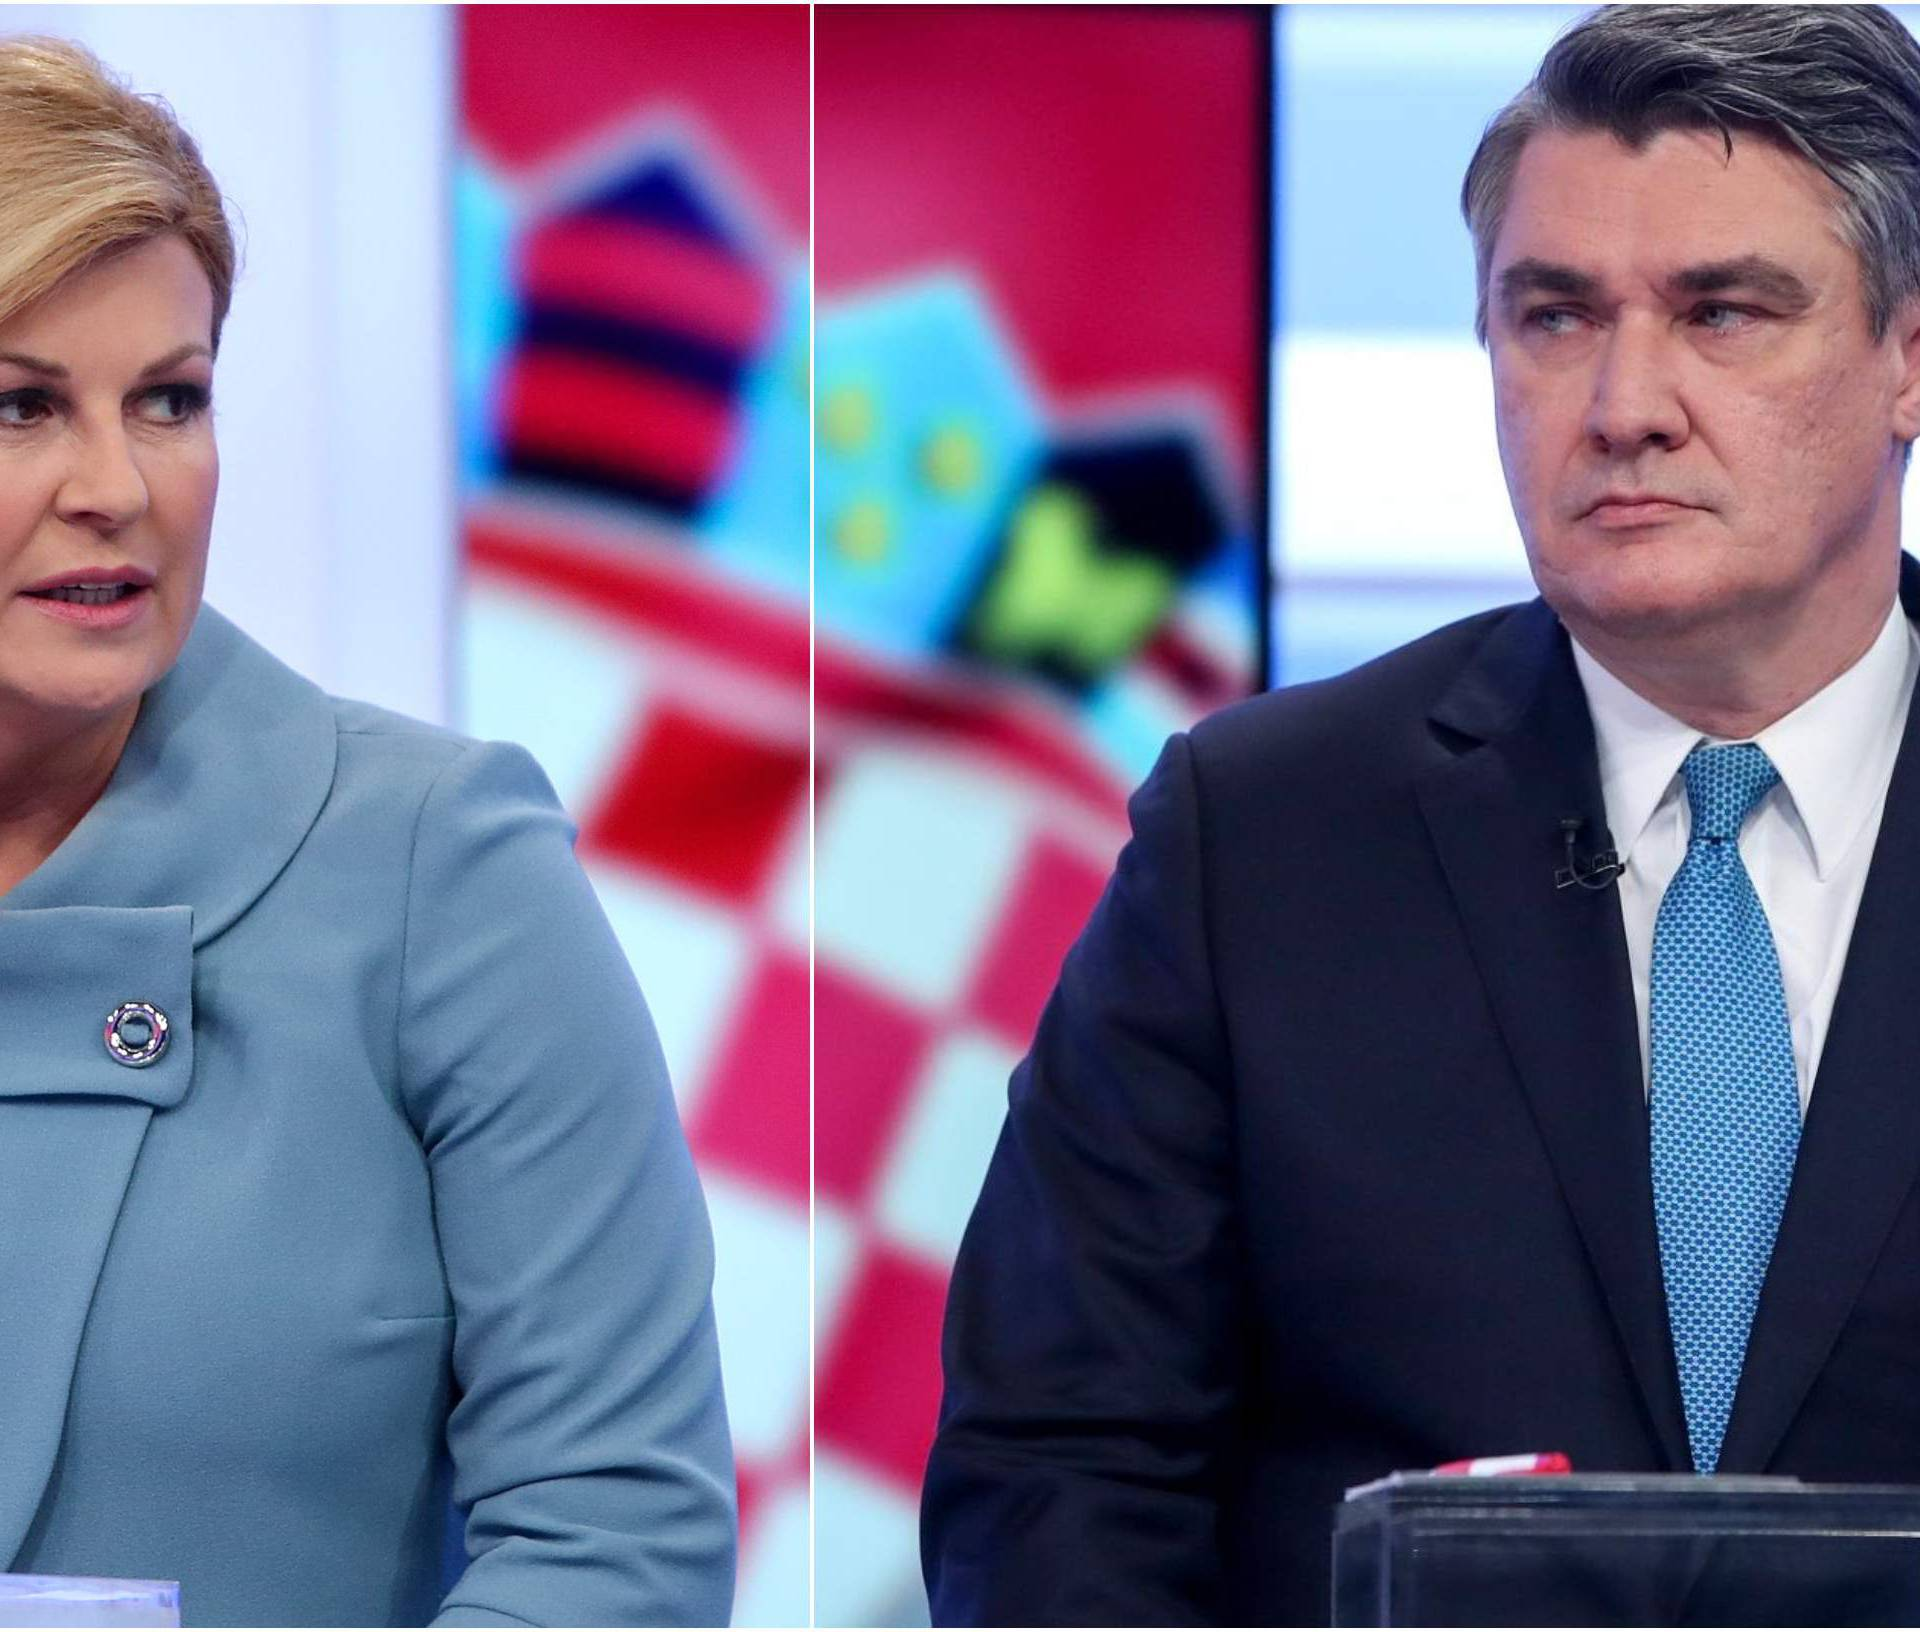 Milanović pozvao TV kuće da organiziraju zajedničku debatu